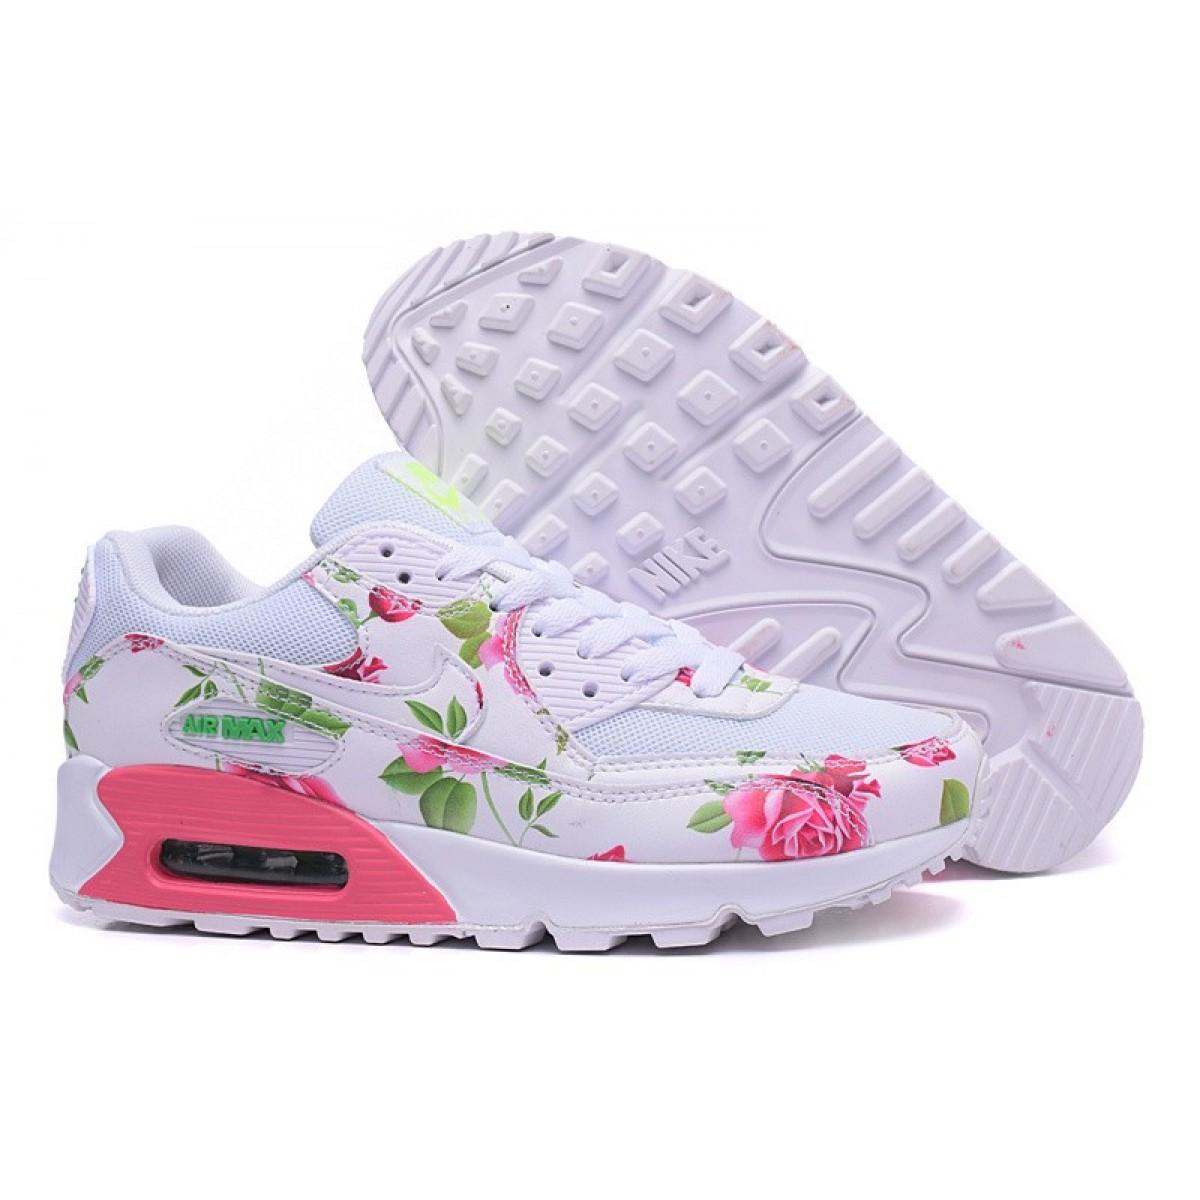 low priced adaa2 56de7 air max femme a fleur